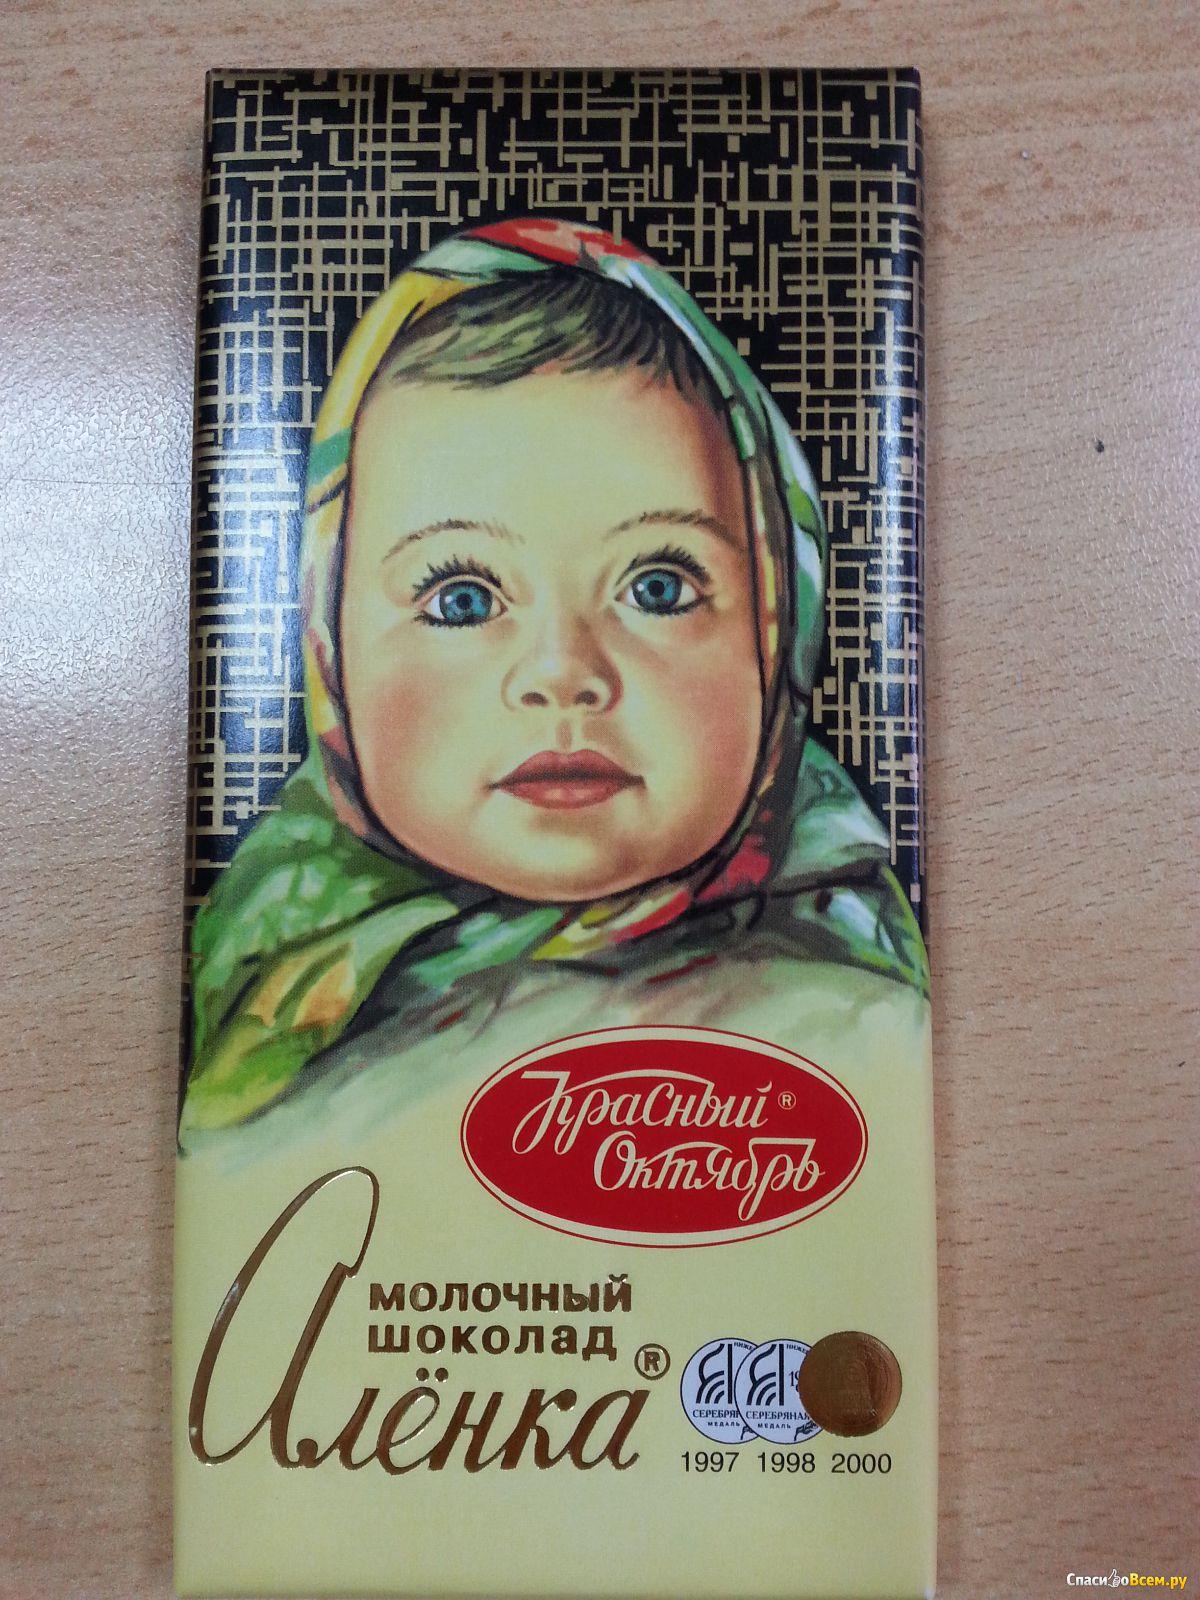 редкая шоколад фото в обертке началом недели картинки